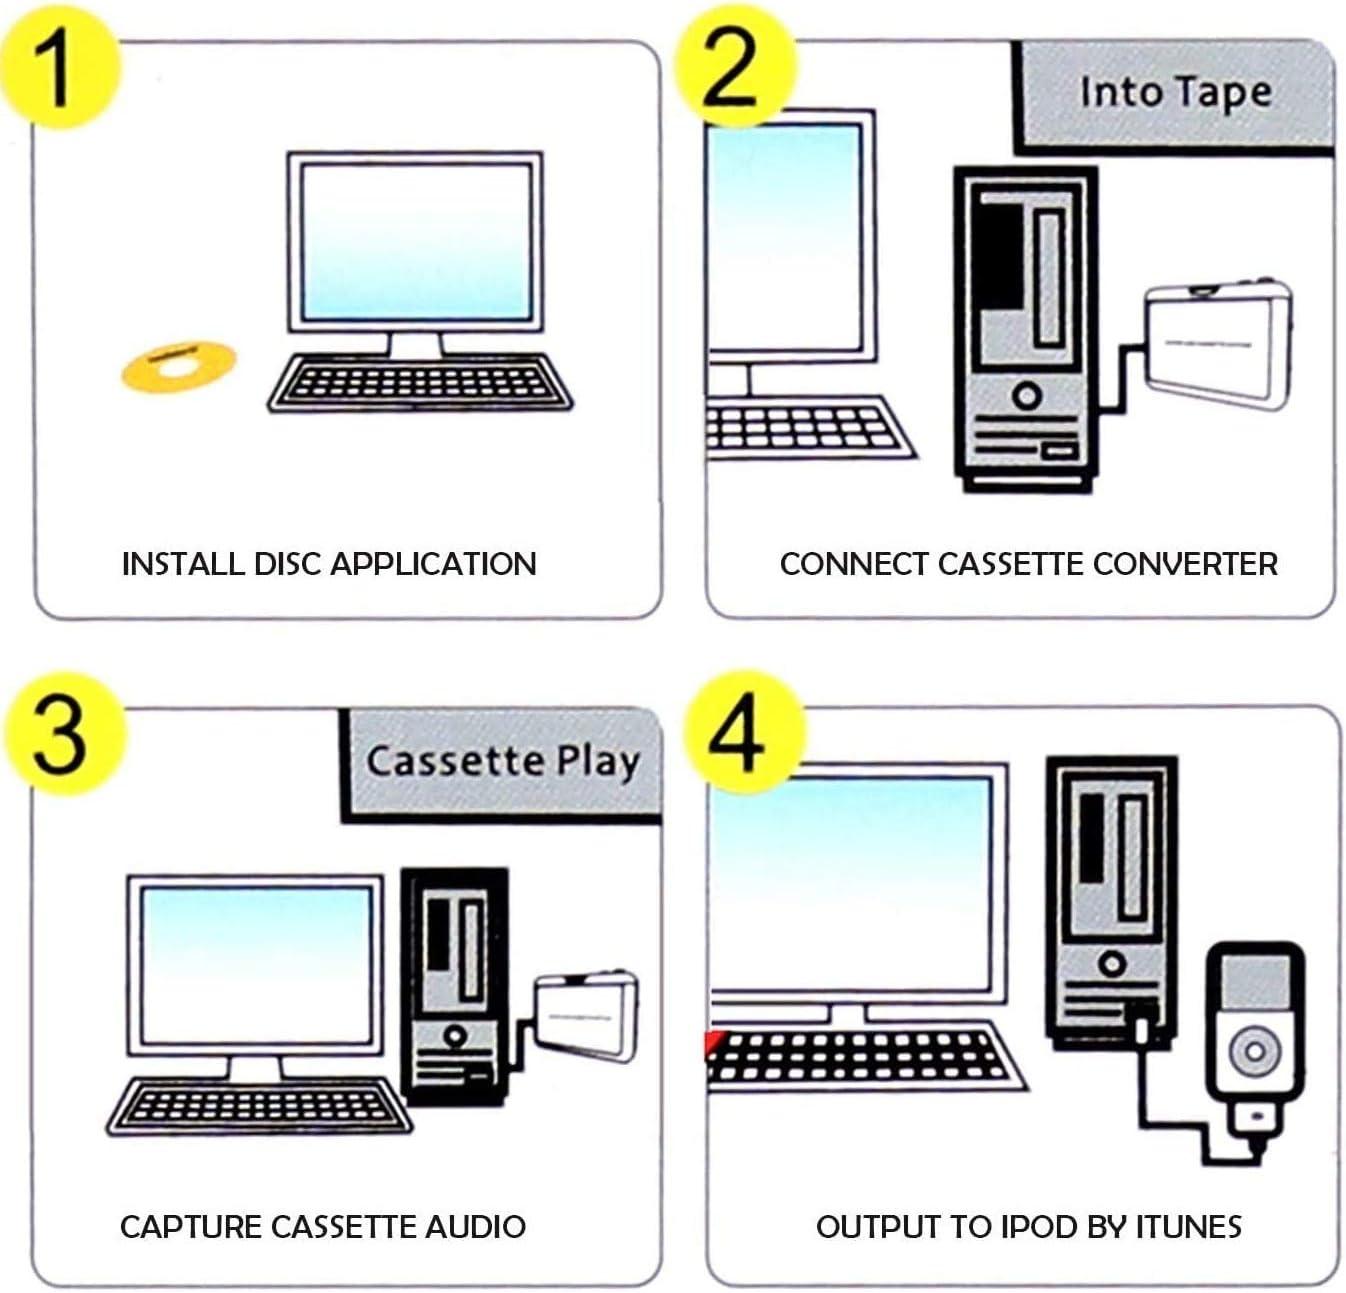 Compatible con Mac//PC Walkman Reproductor de Cassette Portable Convierte los Cassettes de Audio a los Cassettes de MP3 Digitales RMFC USB Convertidor Cinta a MP3 and Cassette Player